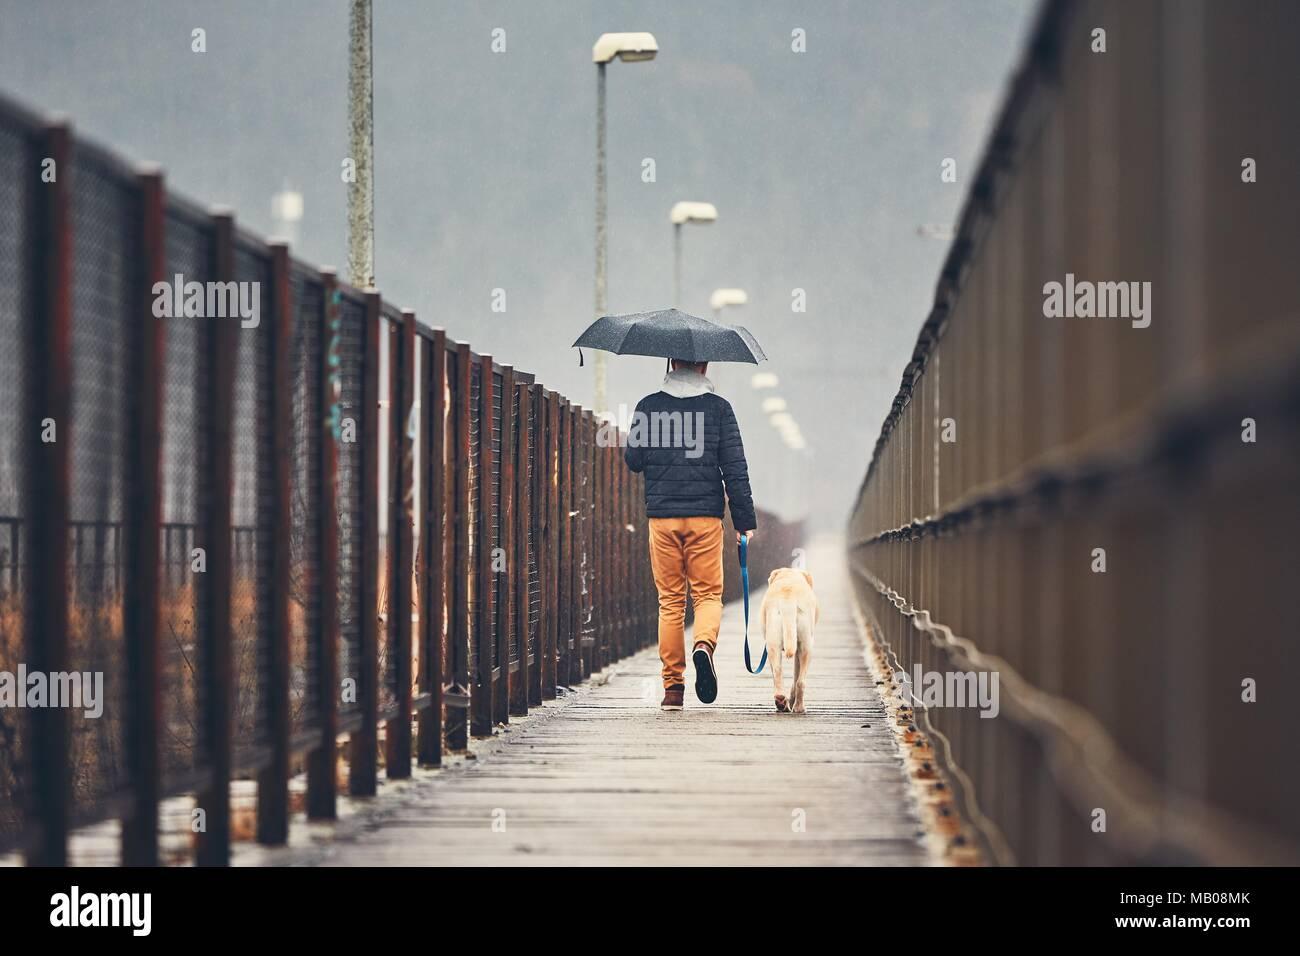 Clima sombrío de la ciudad. El hombre con su perro (labrador retriever) caminando en la lluvia sobre el puente. Praga, República Checa Imagen De Stock